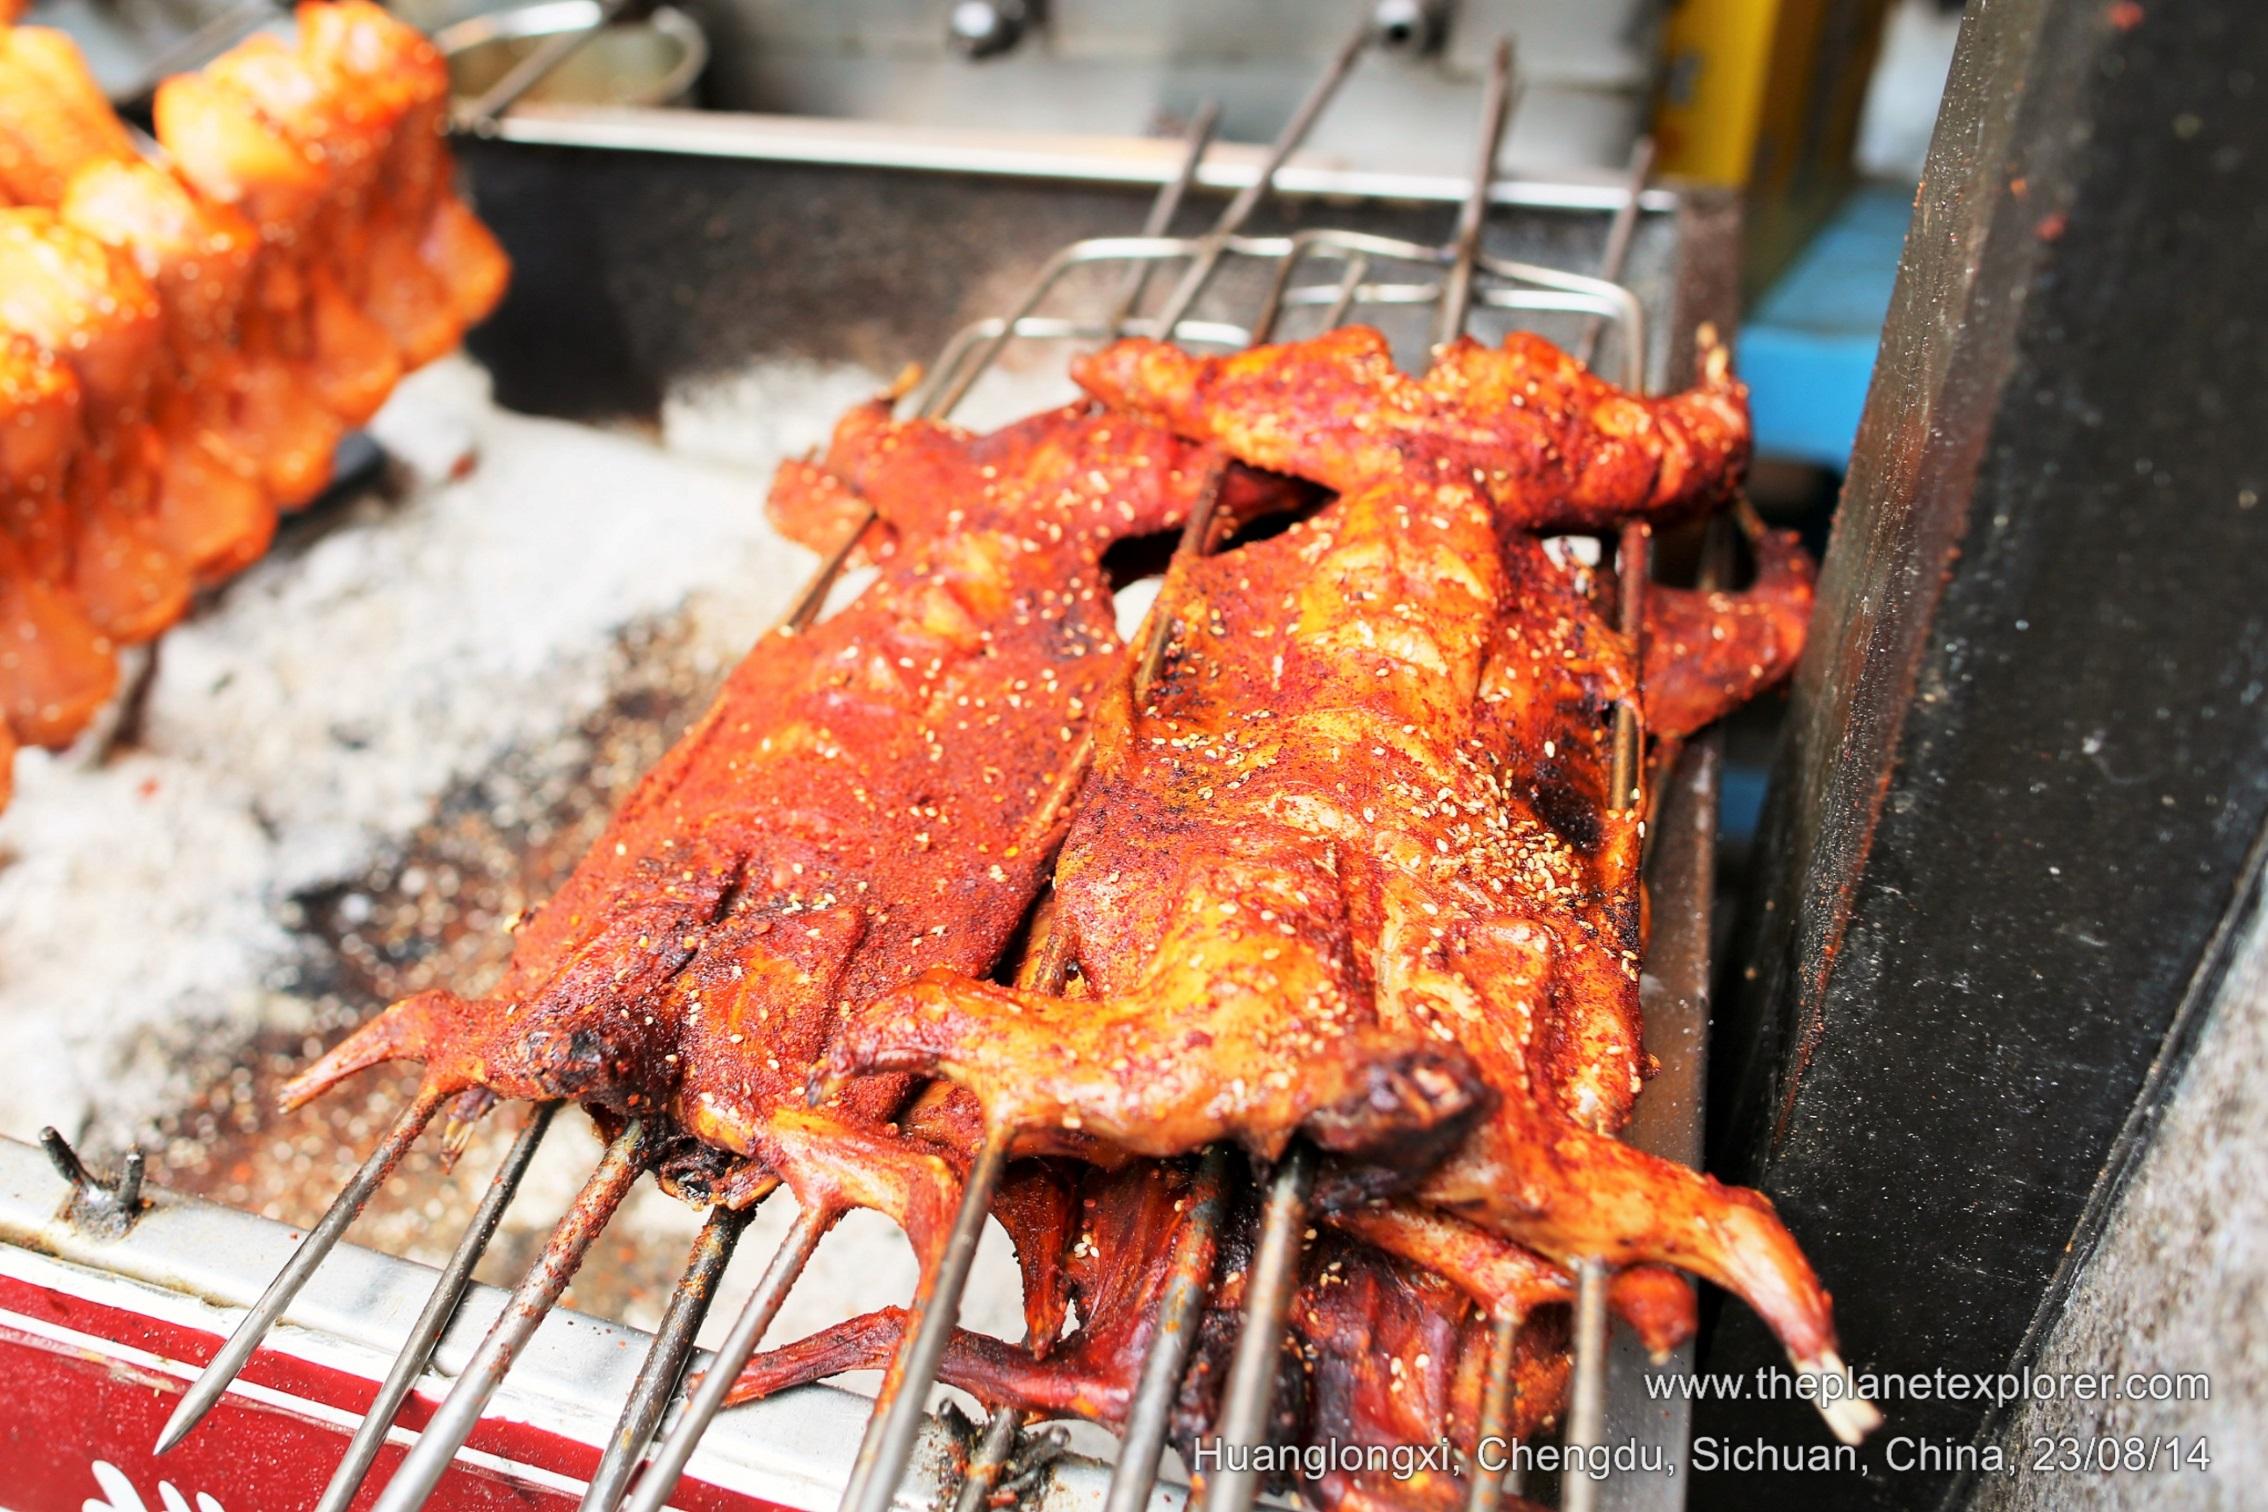 2014-08-23_1638_china_sichuan_chengdu_huanglongxi_food_lr_nw